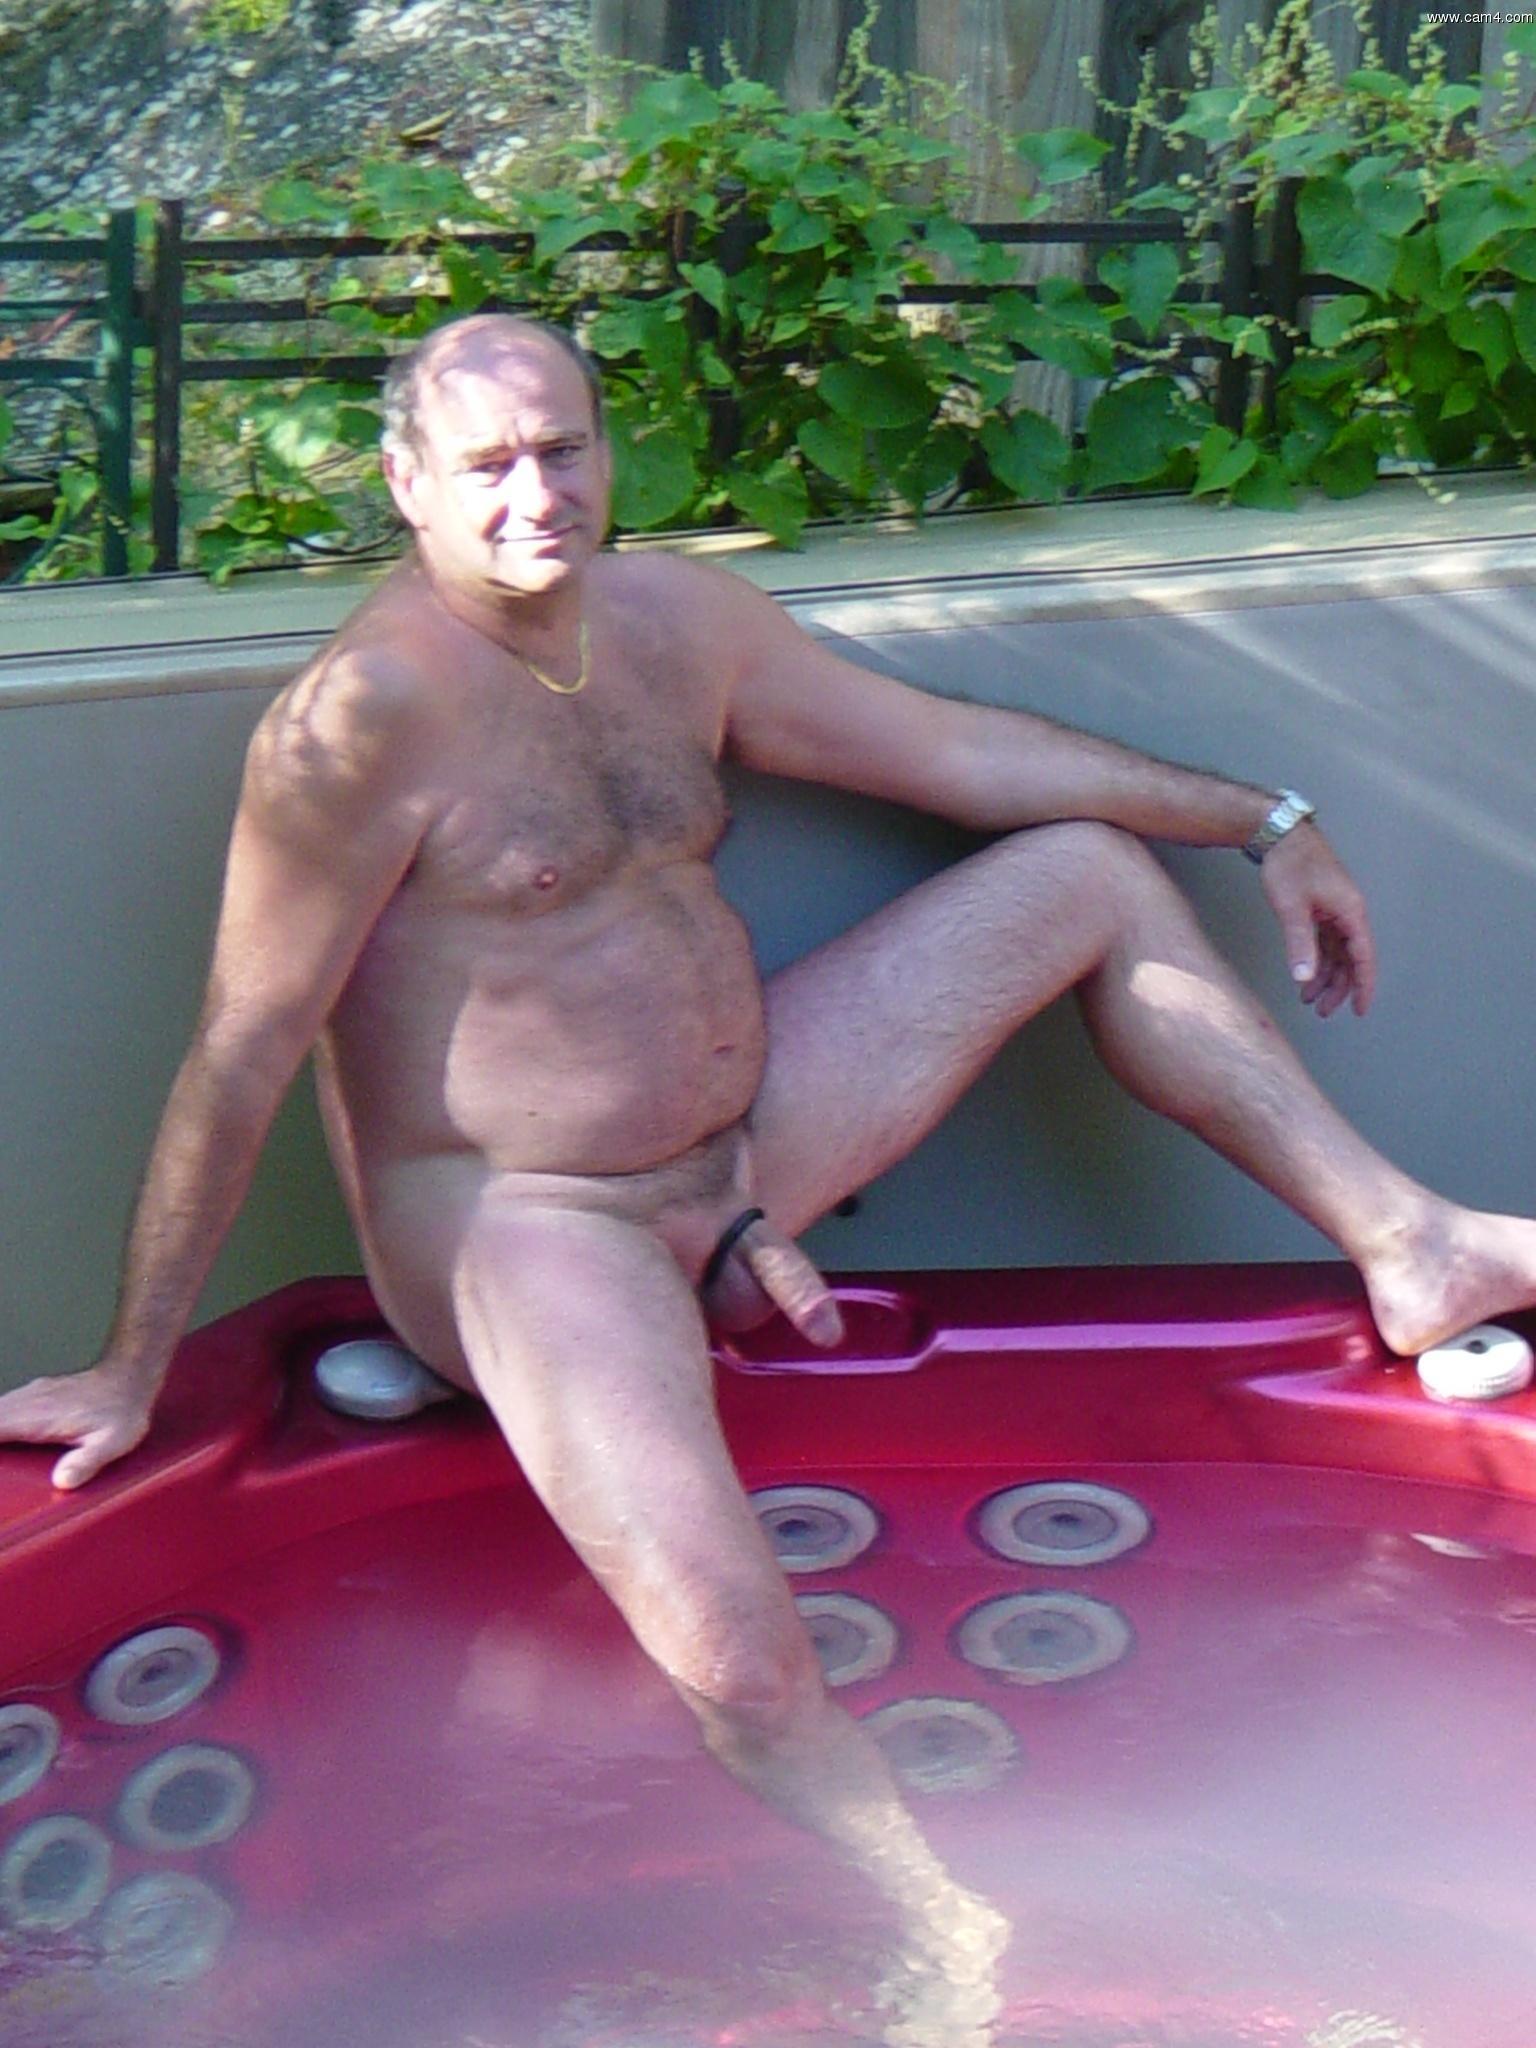 mannen humiliation interrogation gay